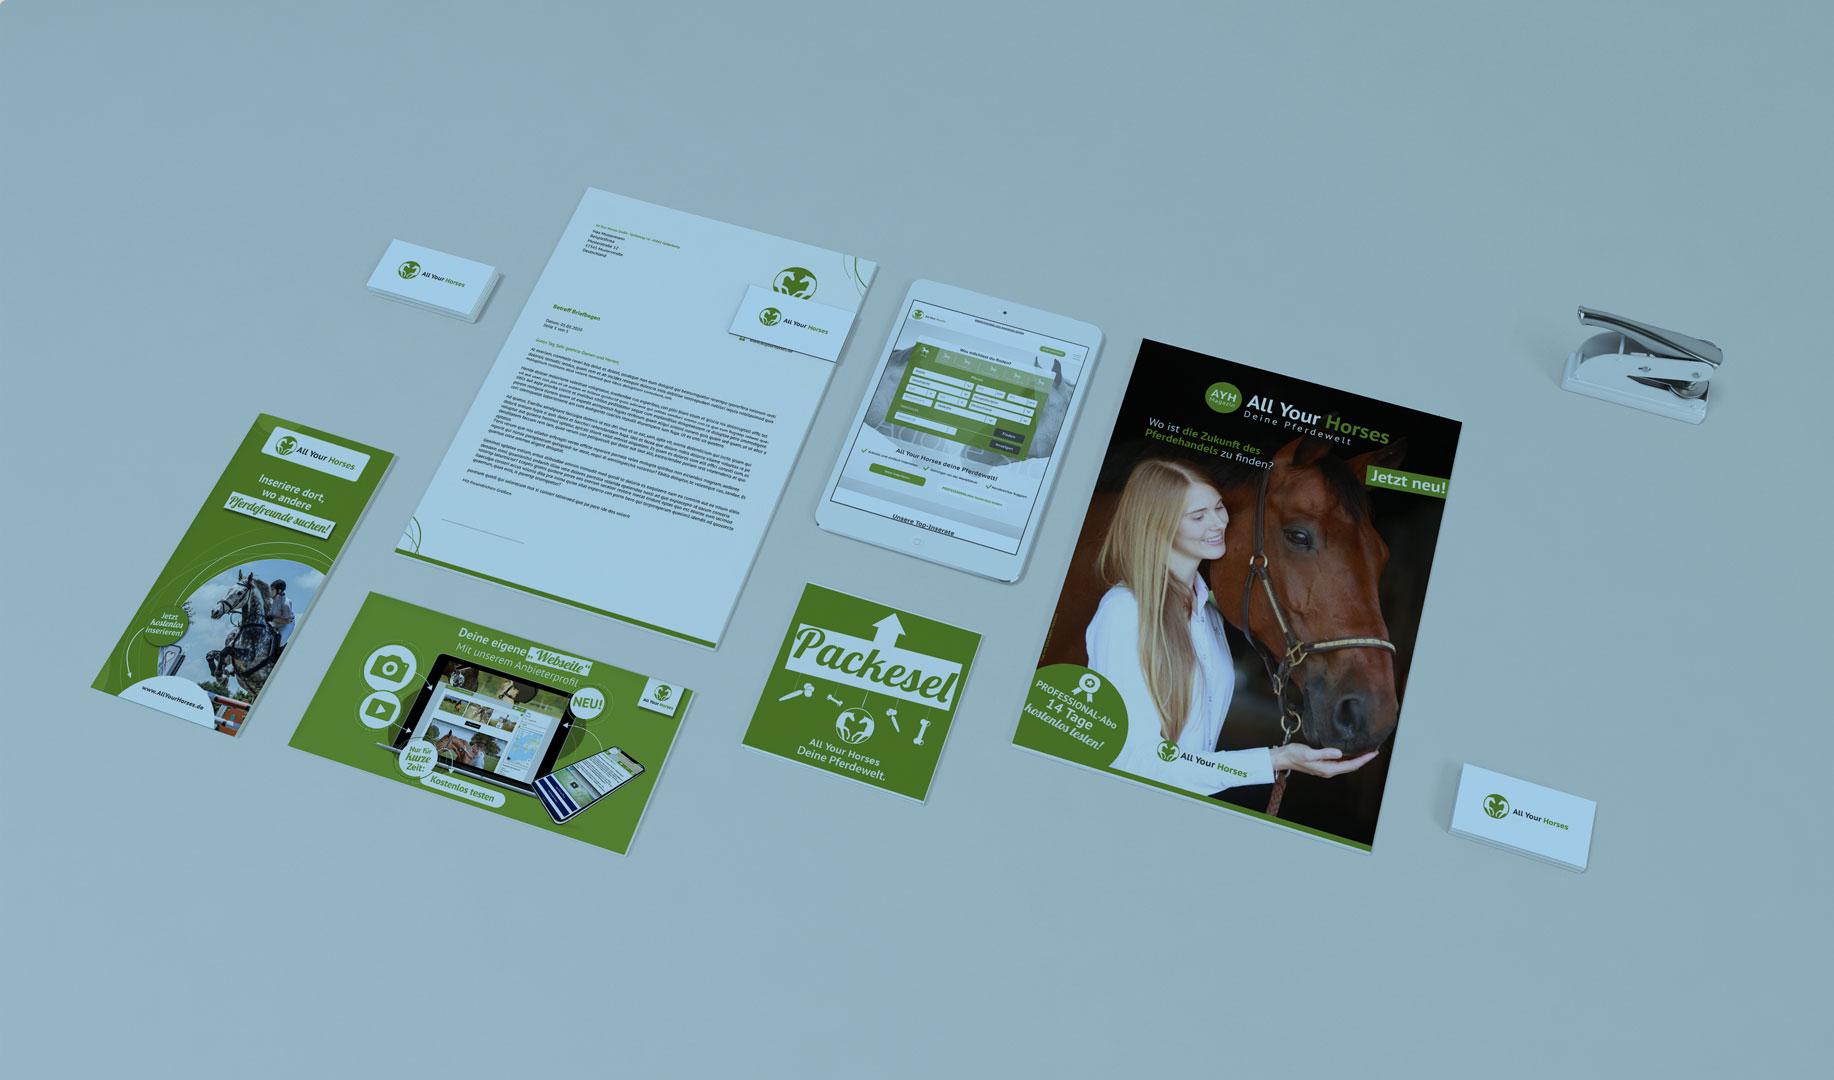 Verschiedene gestaltete Medien und Werbeanzeigen für das Pferdeportal All Your Horses